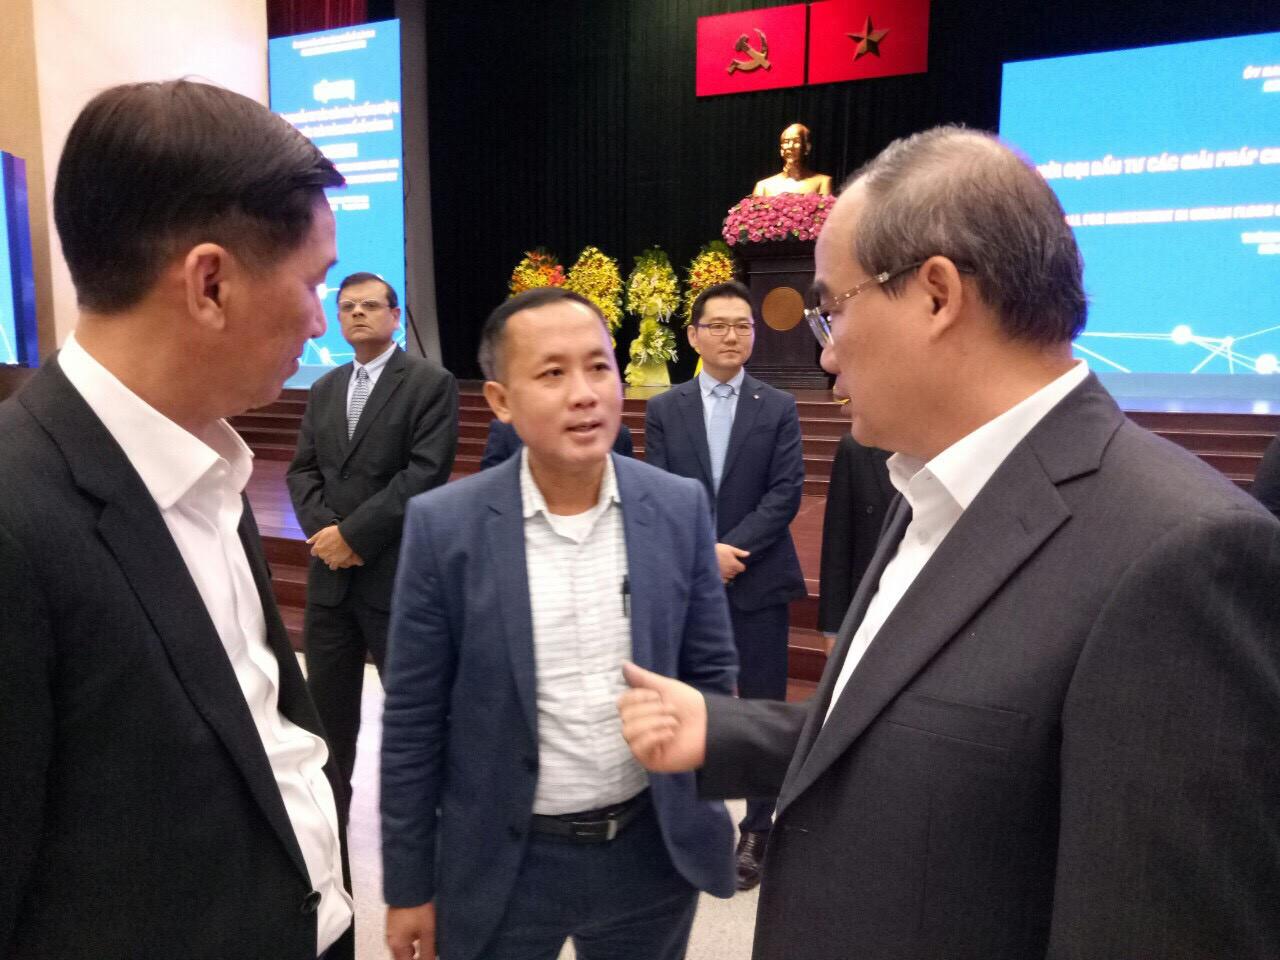 Bí thư Nguyễn Thiện Nhân ra chỉ đạo triển khai tại hội nghị Thành Ủy Tp.HCM